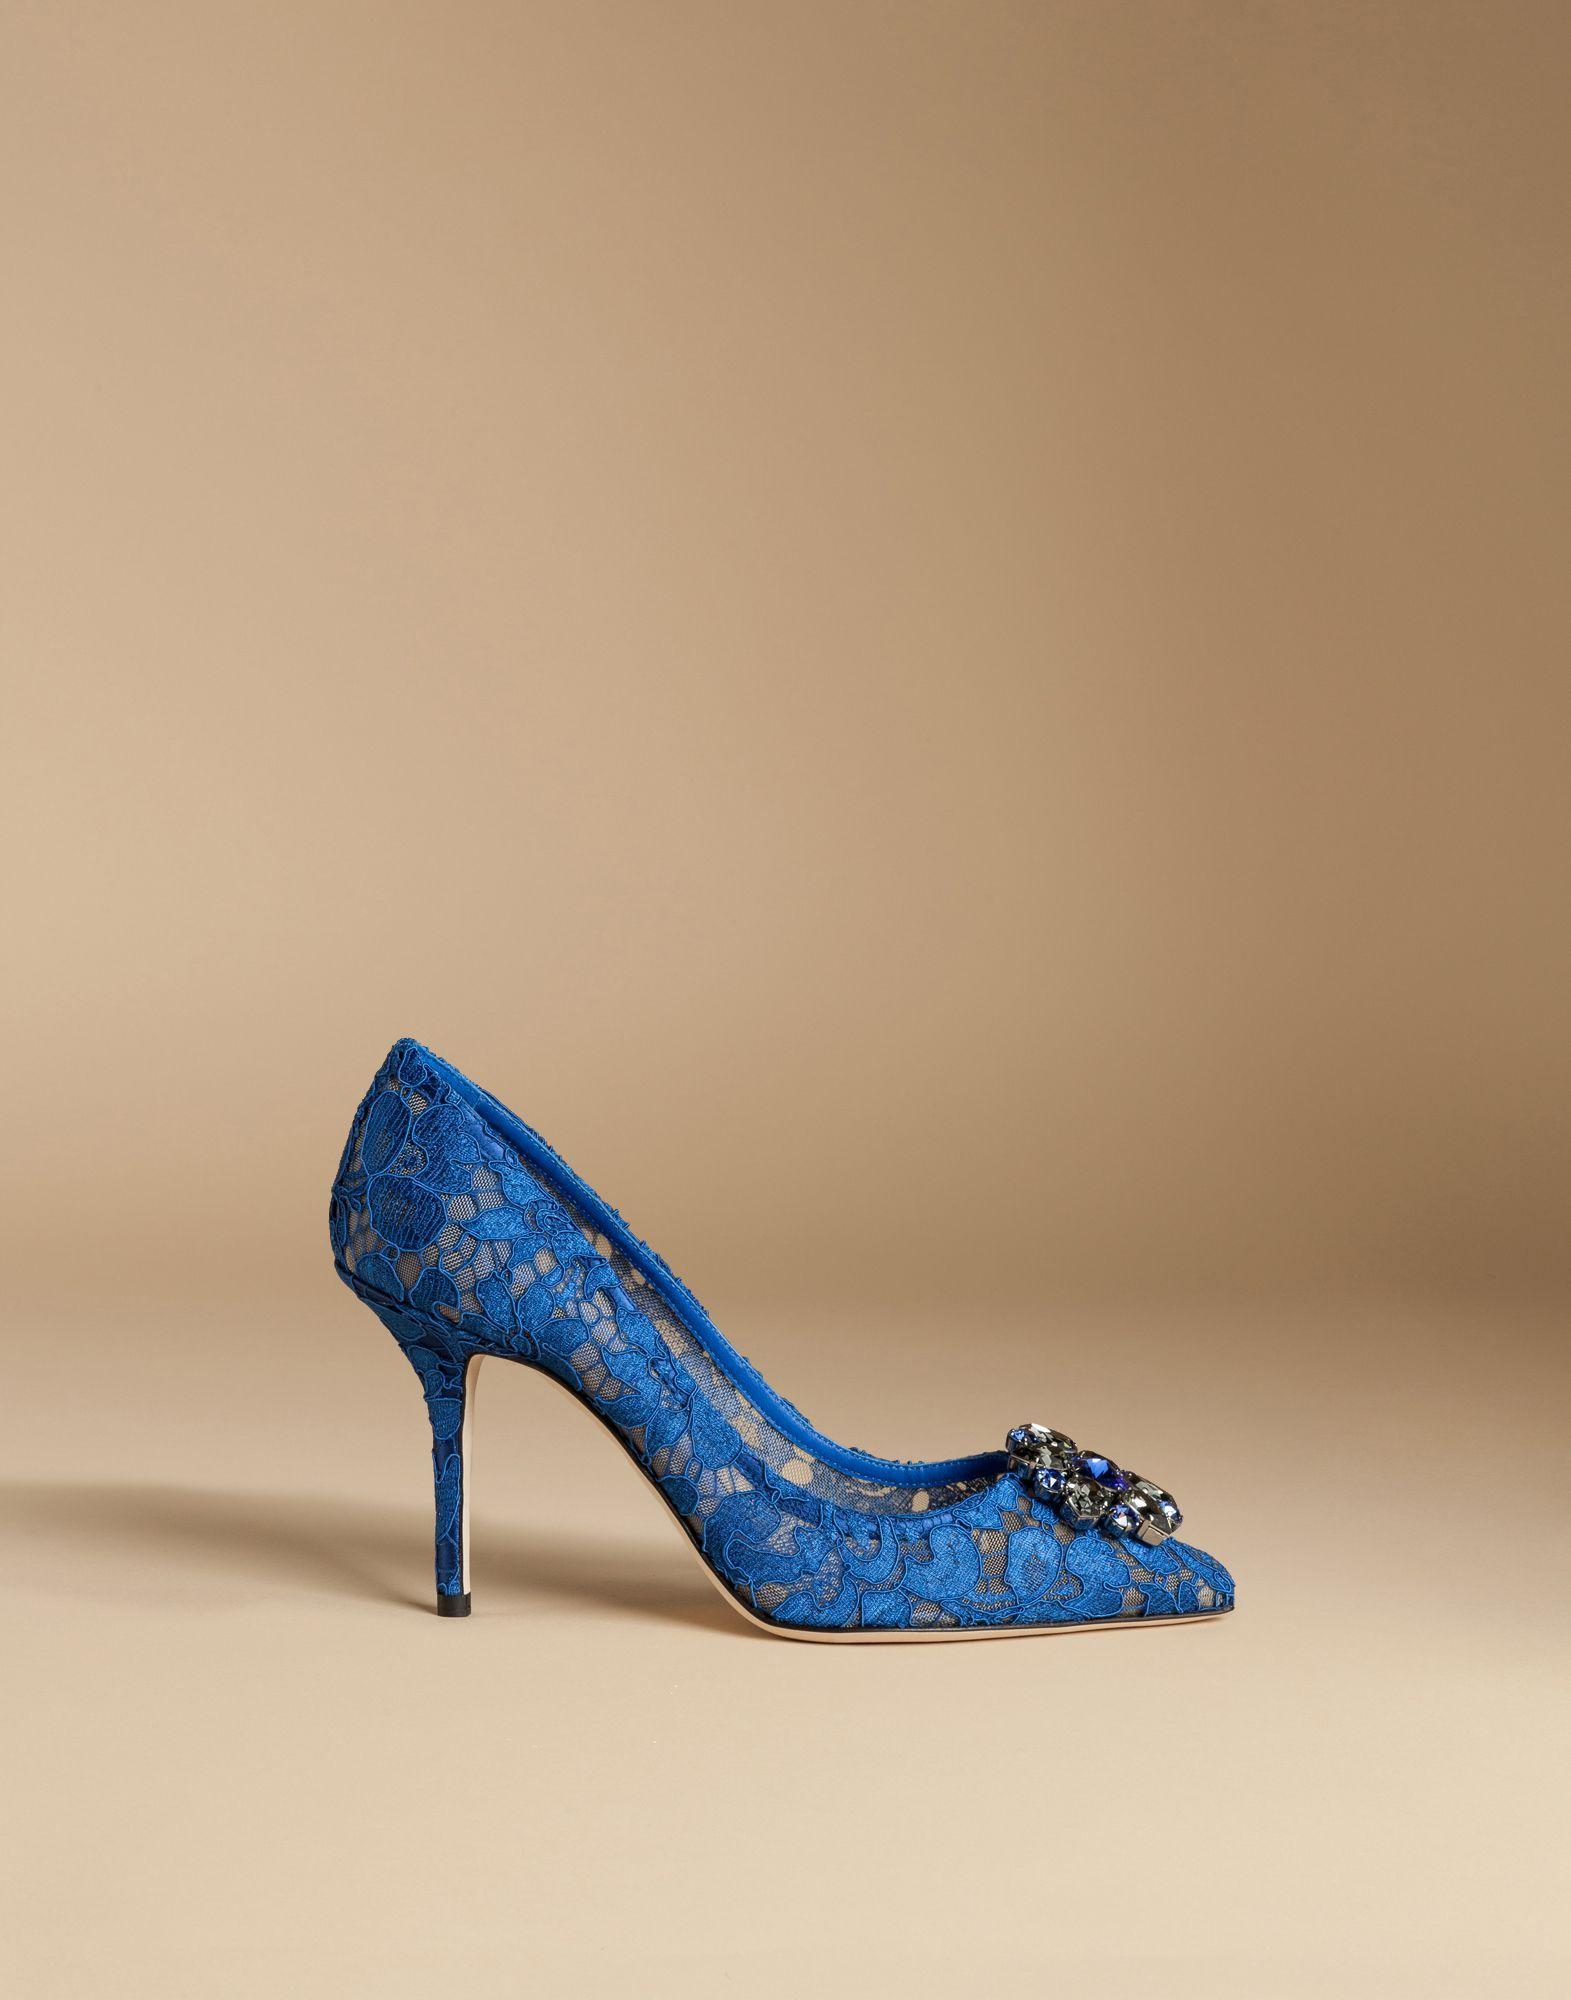 Dolce&Gabbana|CD0101AL198|Décolleté|Calzature